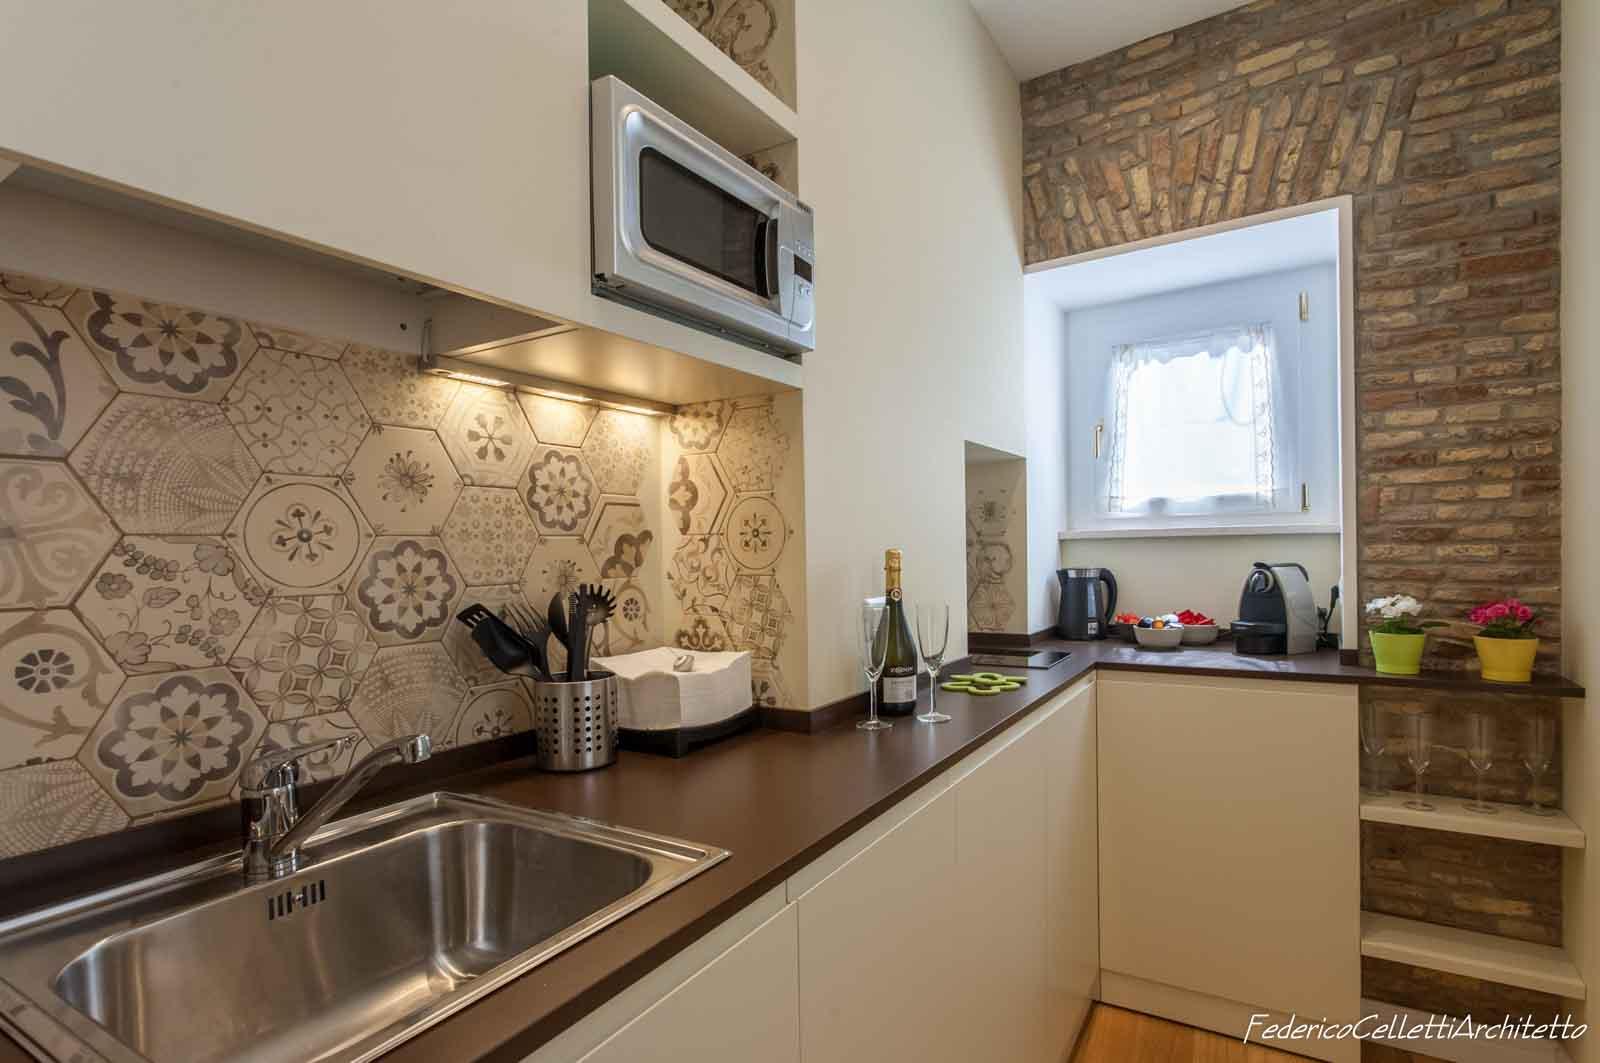 Architettura d 39 interni e ristrutturazione casa a roma for Design interni